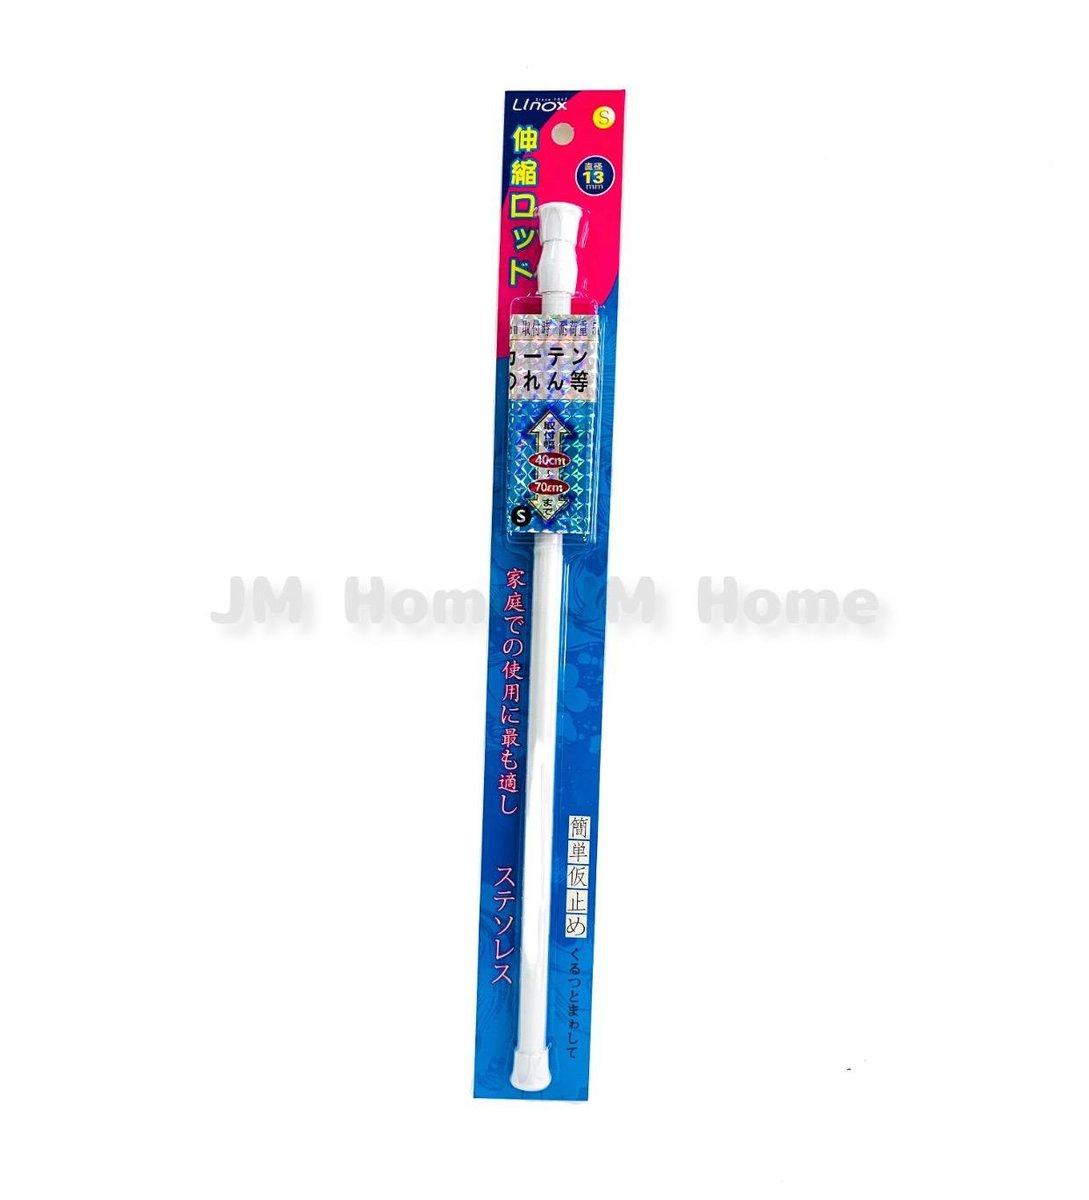 直徑13mm伸縮掛通40-70cm(可承受5kg)